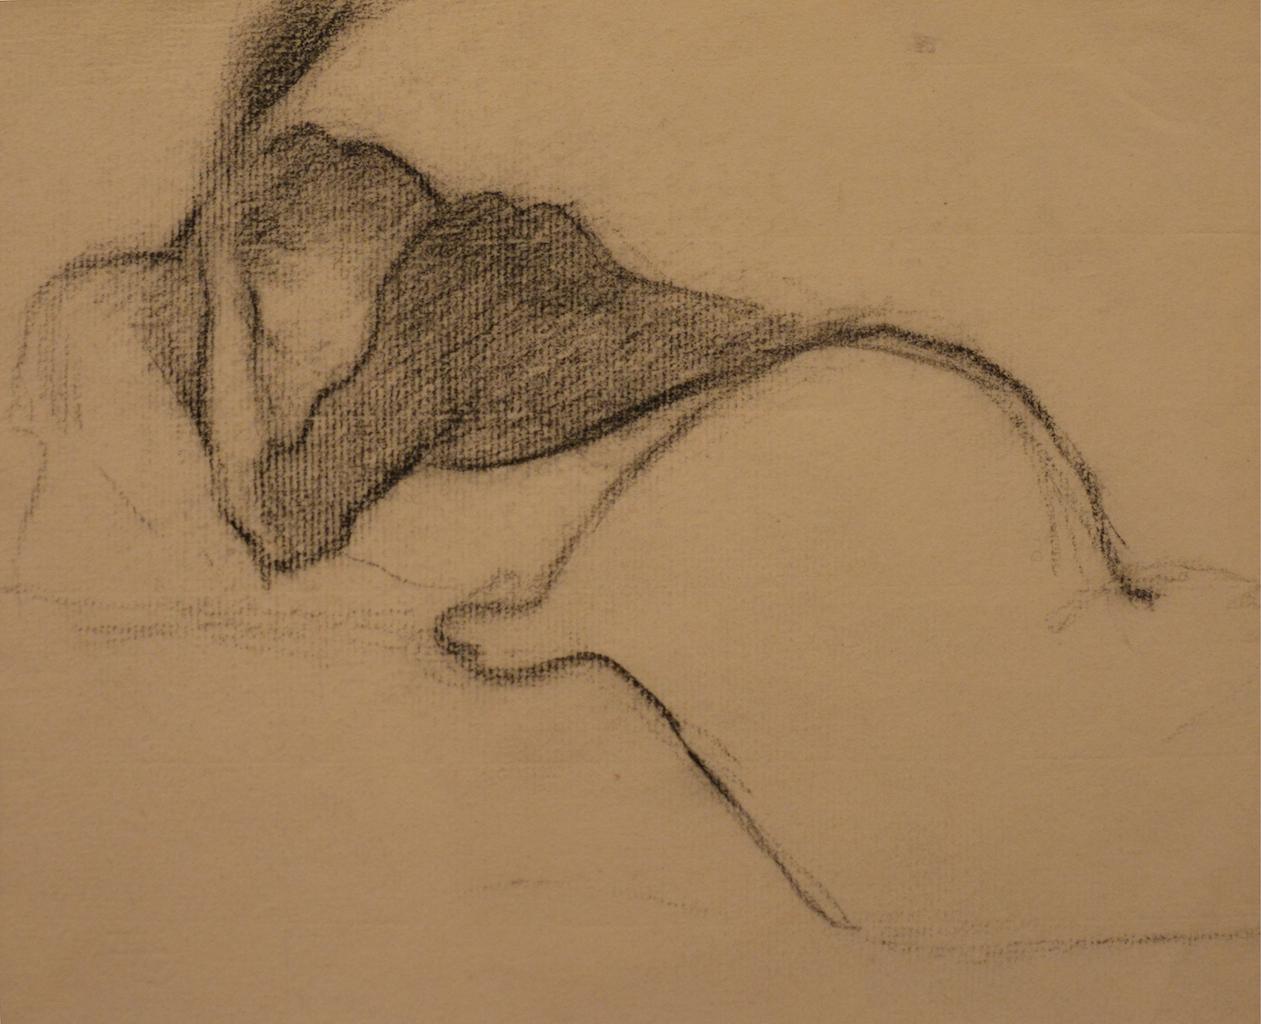 Henri Edmond Cross, femme reposant, une main sur la tàte Crayon vergÇ cräme filigranÇ Circa 1890 Cachet du monogramme de l'artiste 31x24cm Galerie AB